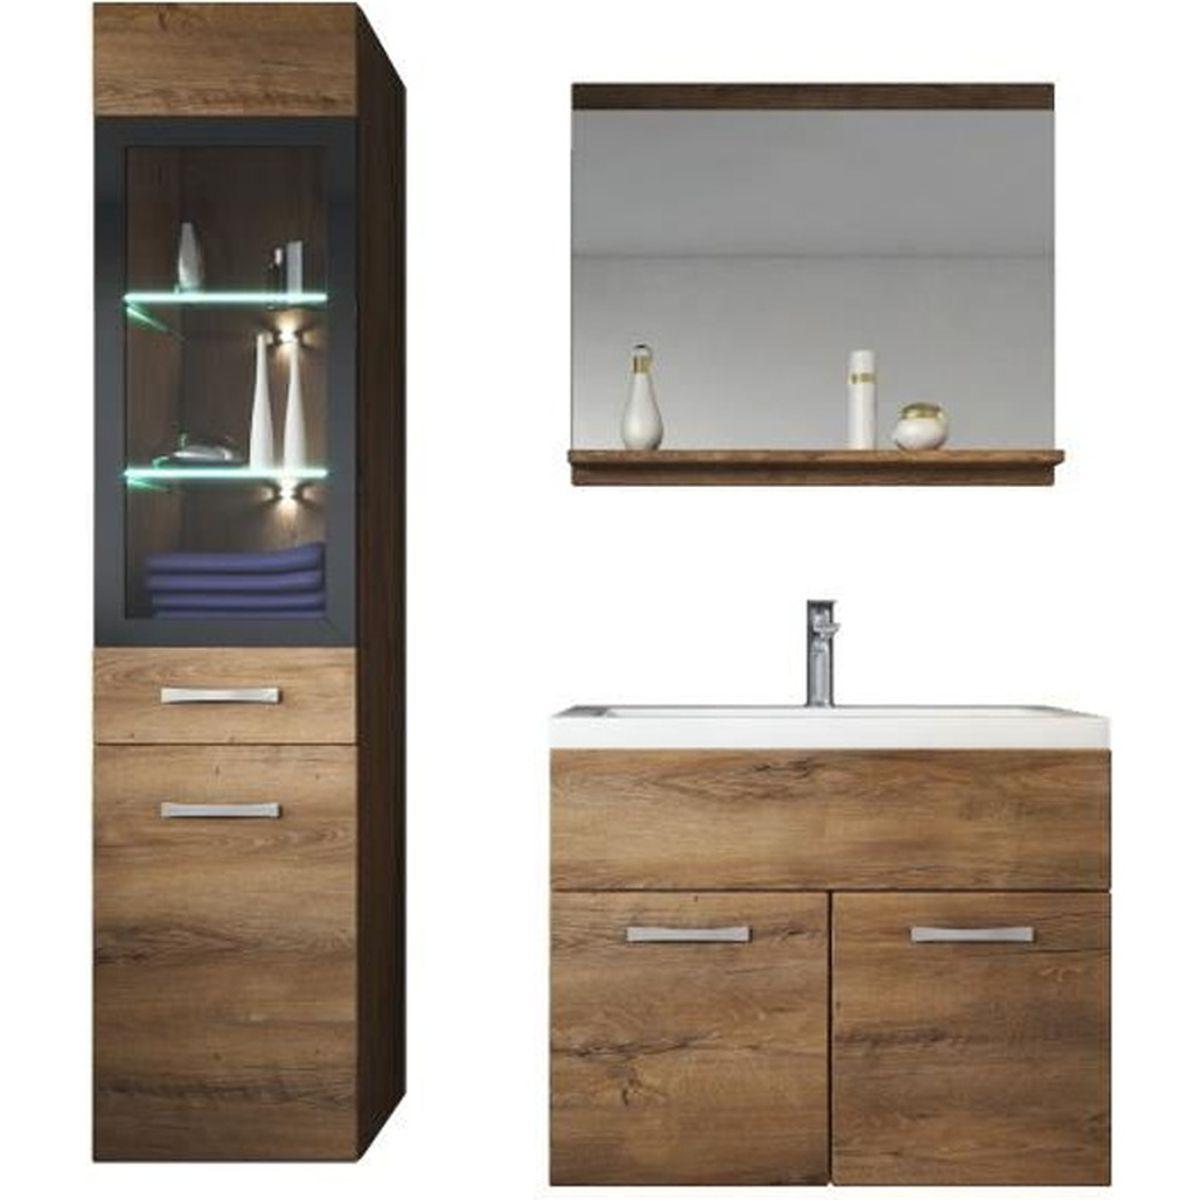 Meuble Salle De Bain Girona meuble salle de bain avec vasque marron